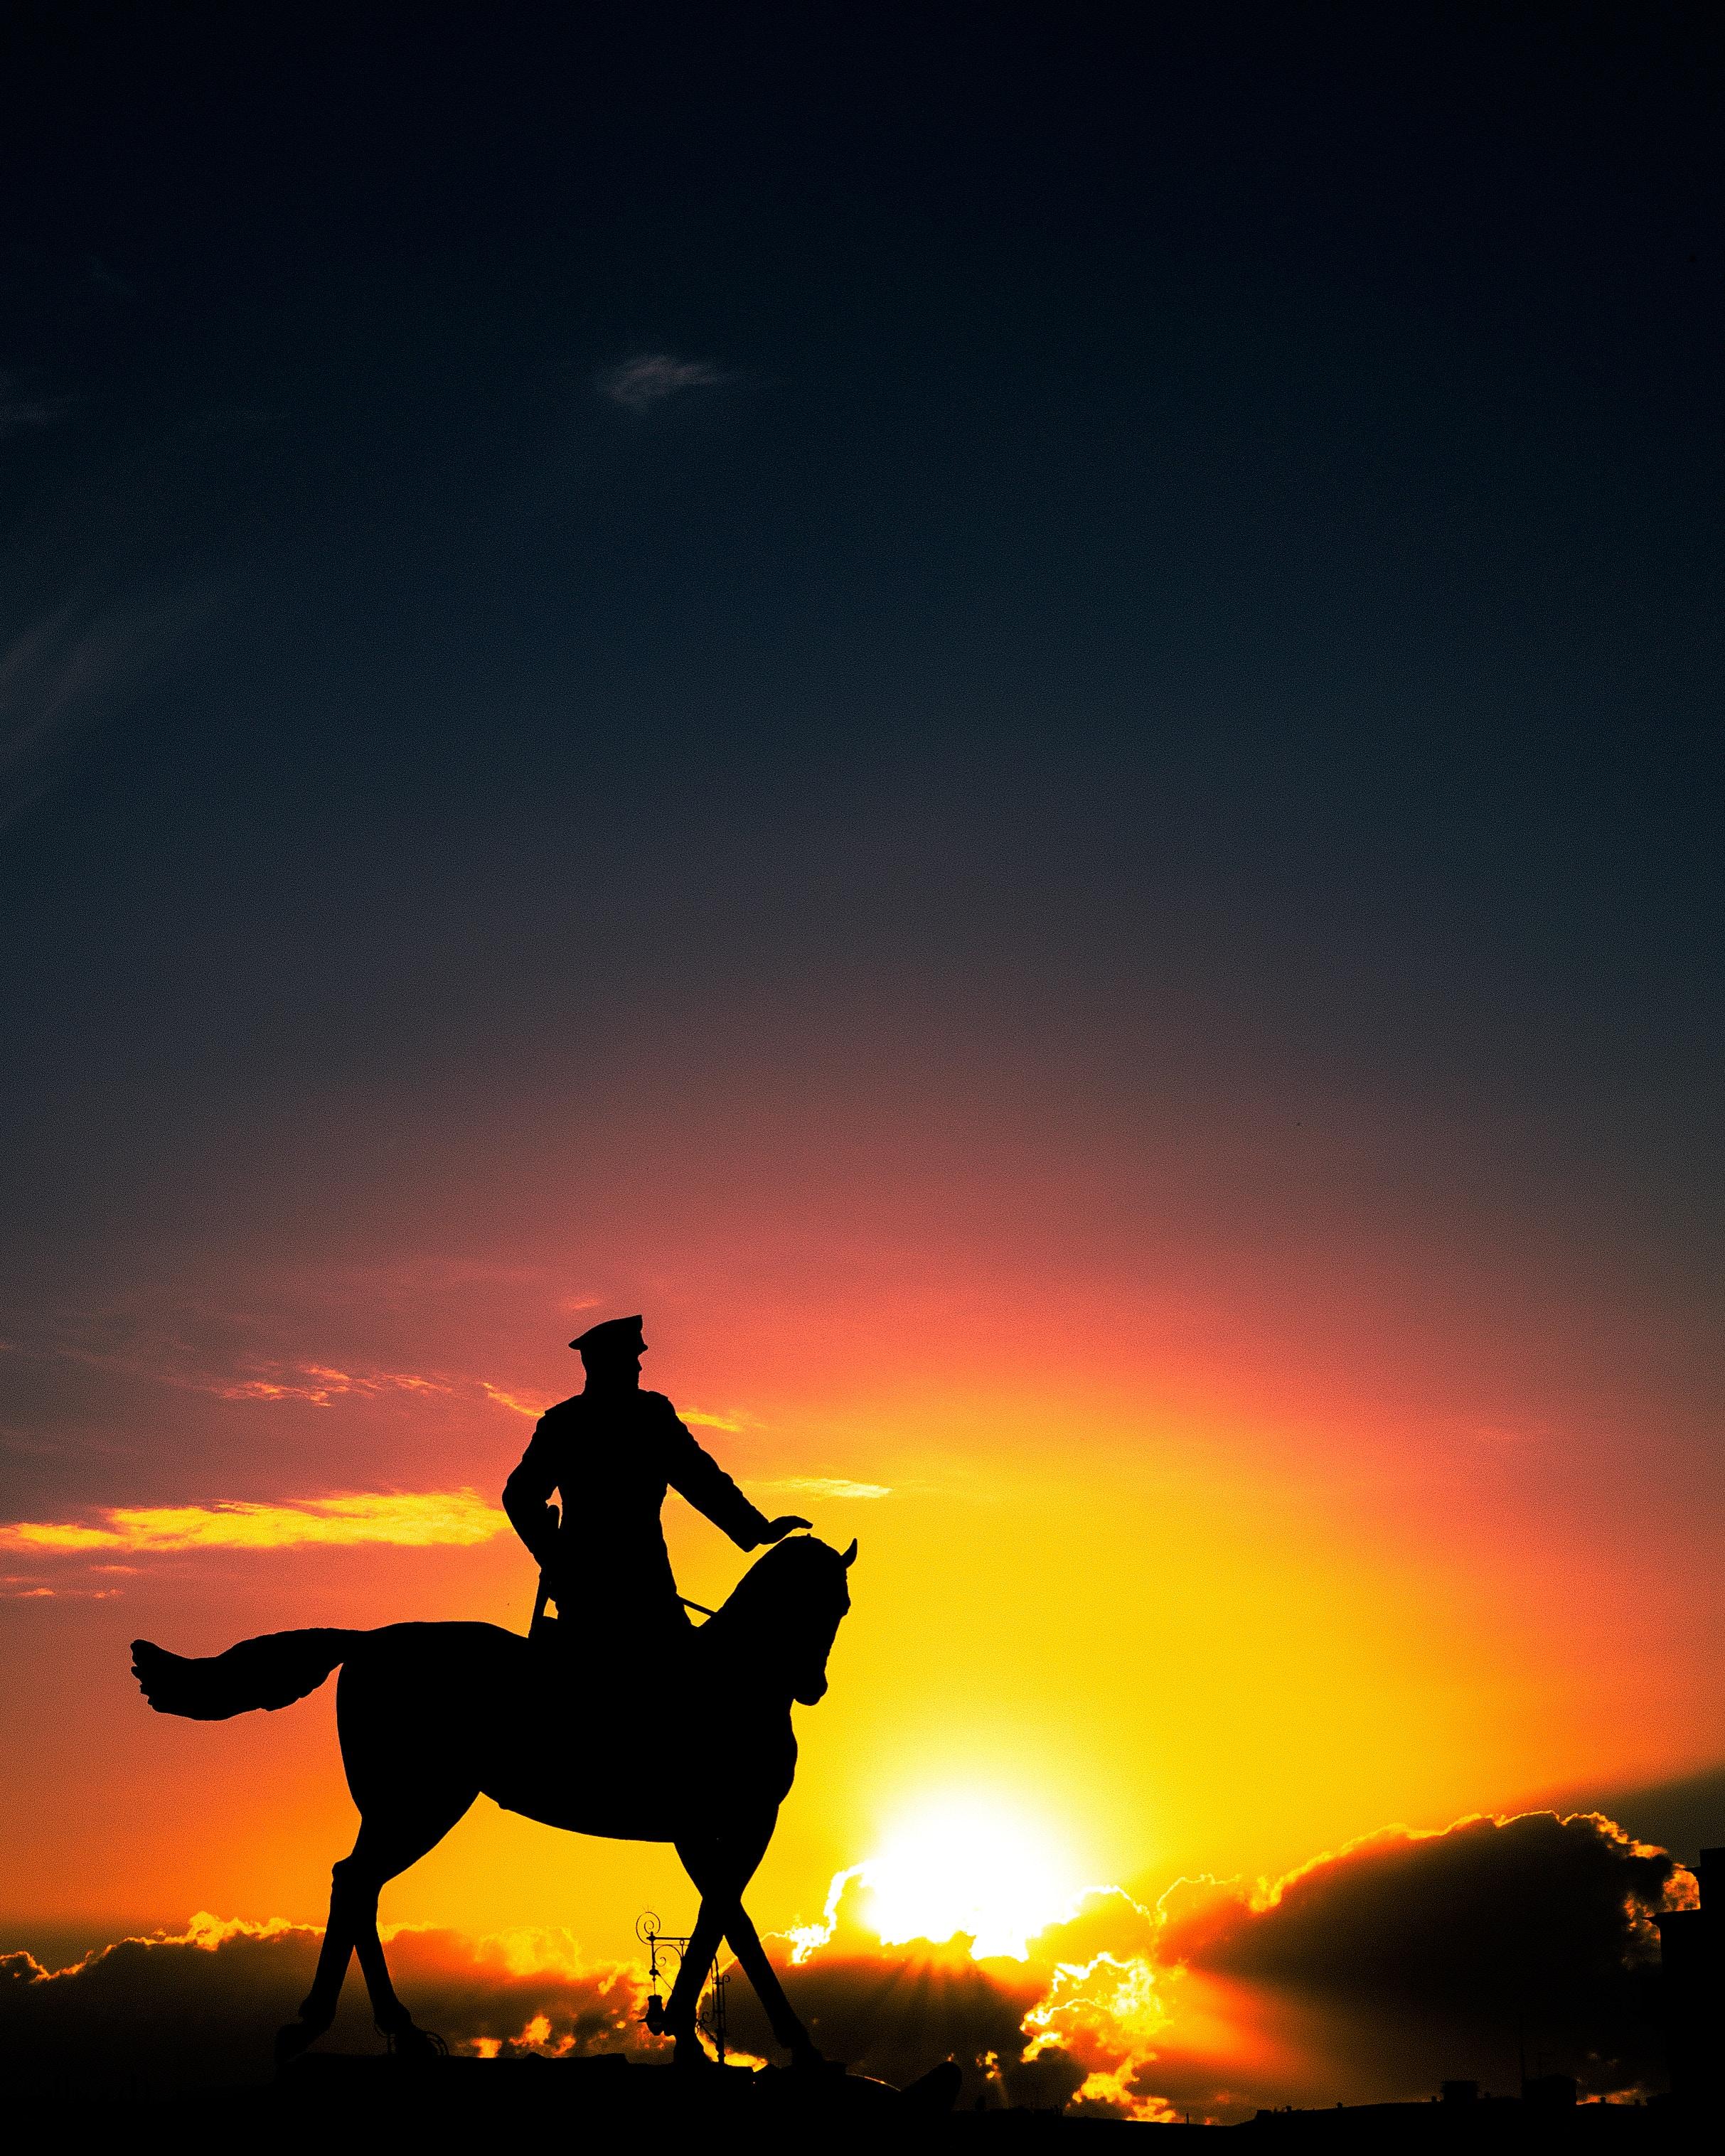 51980 скачать обои Темные, Скульптура, Силуэт, Закат, Наездник, Лошадь, Москва, Россия - заставки и картинки бесплатно